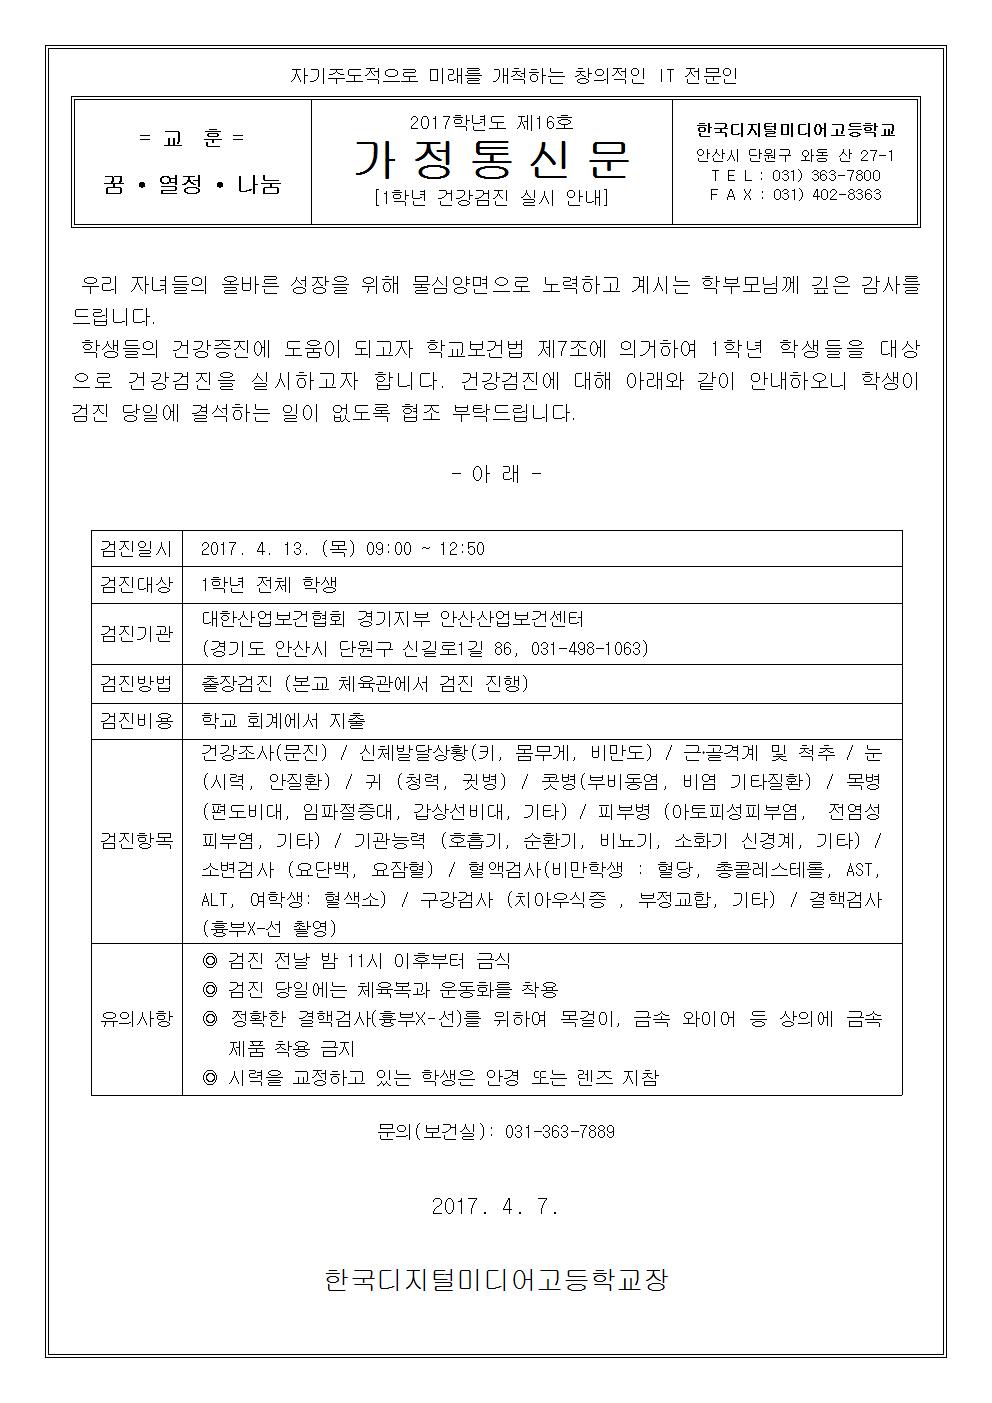 [제16호] 2017학년도 1학년 건강검진 실시 안내001.png